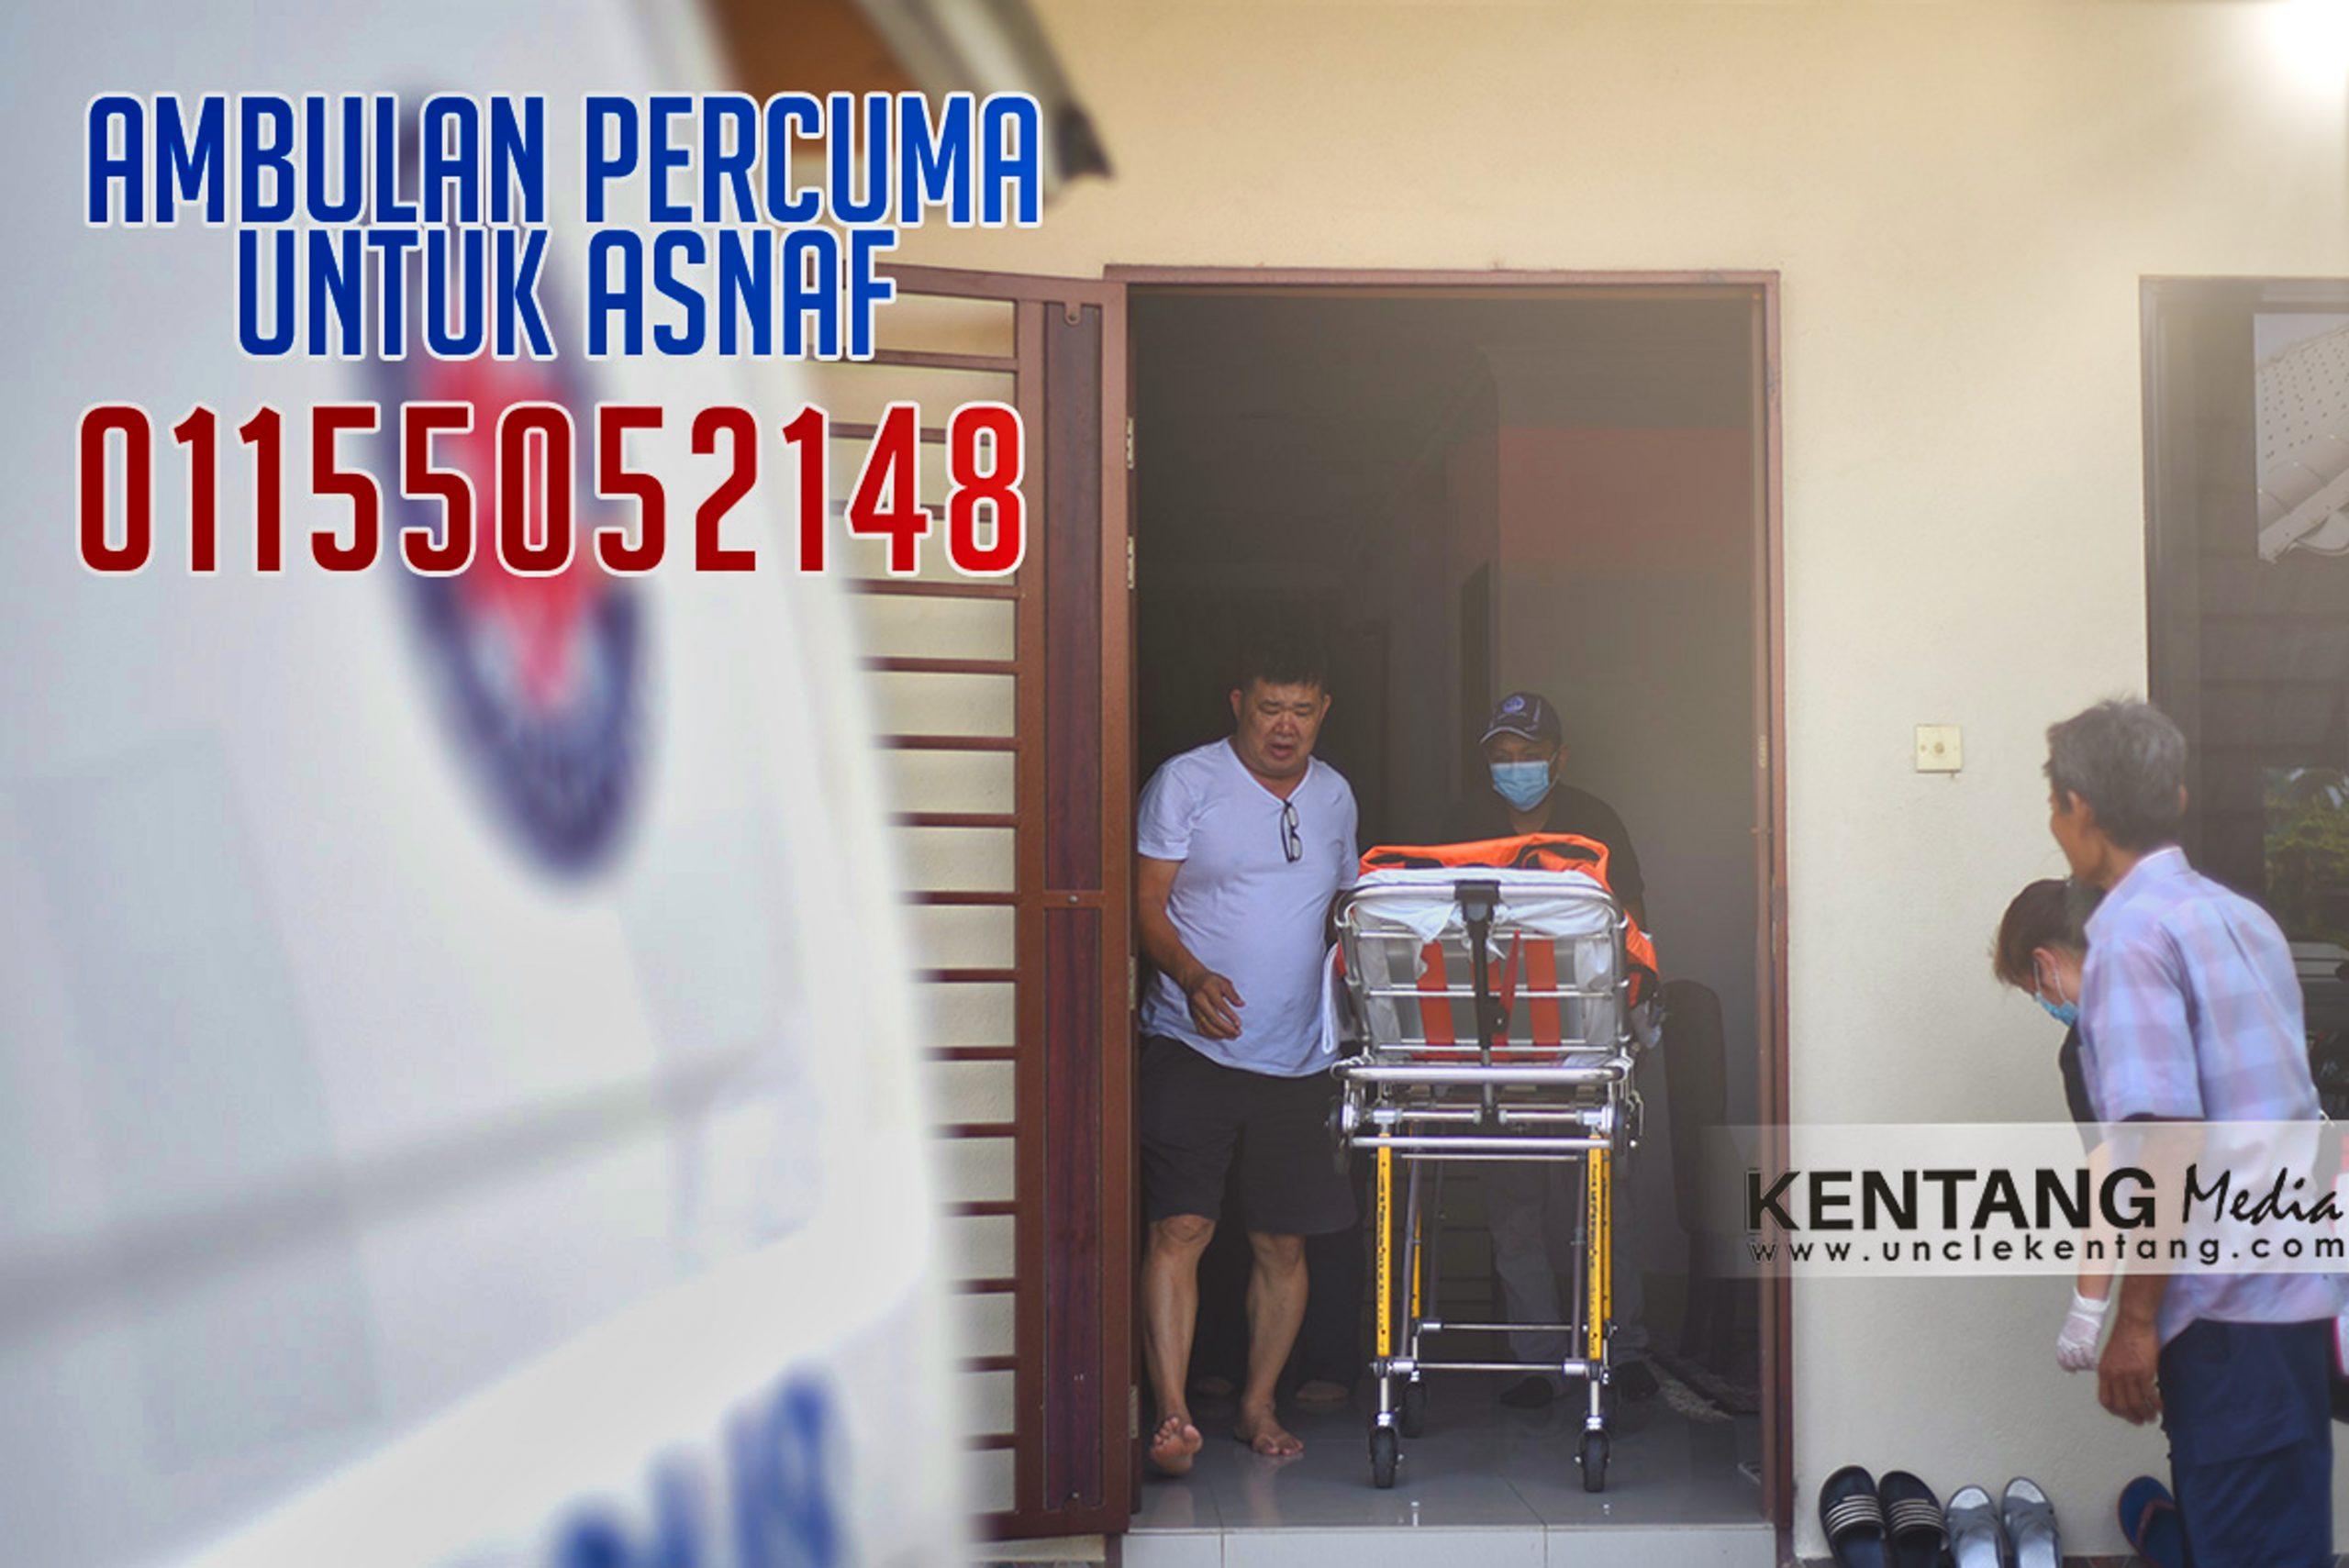 Telefon 01155052148 Sekiranya Anda Perlu Ambulan Percuma